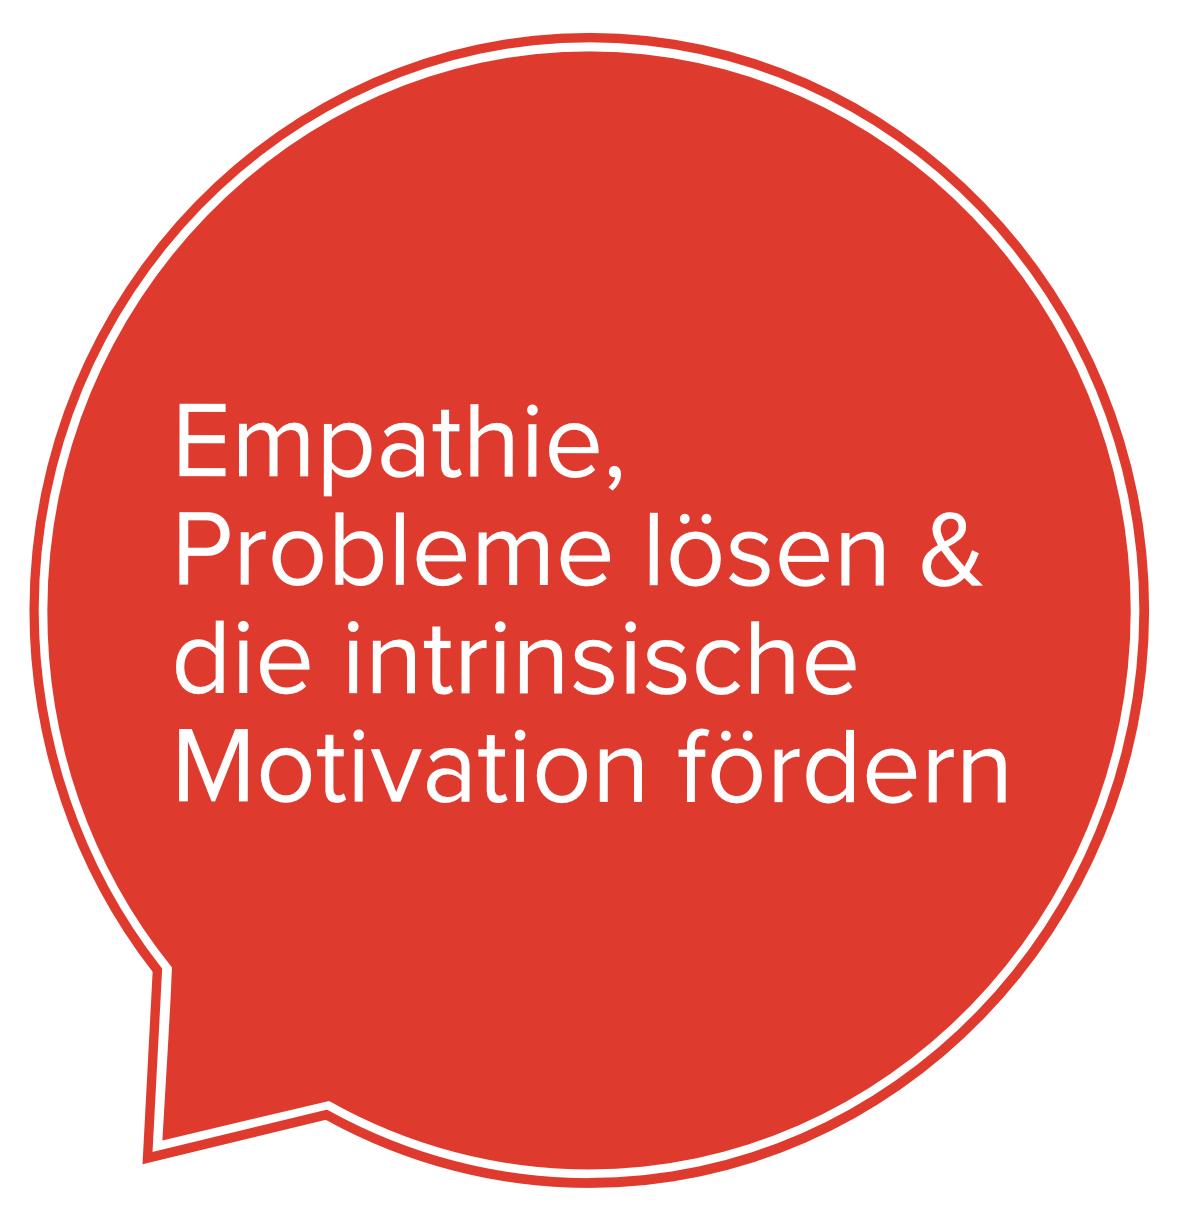 Empathie, Probleme lösen &die intrinsische Motivation fördern